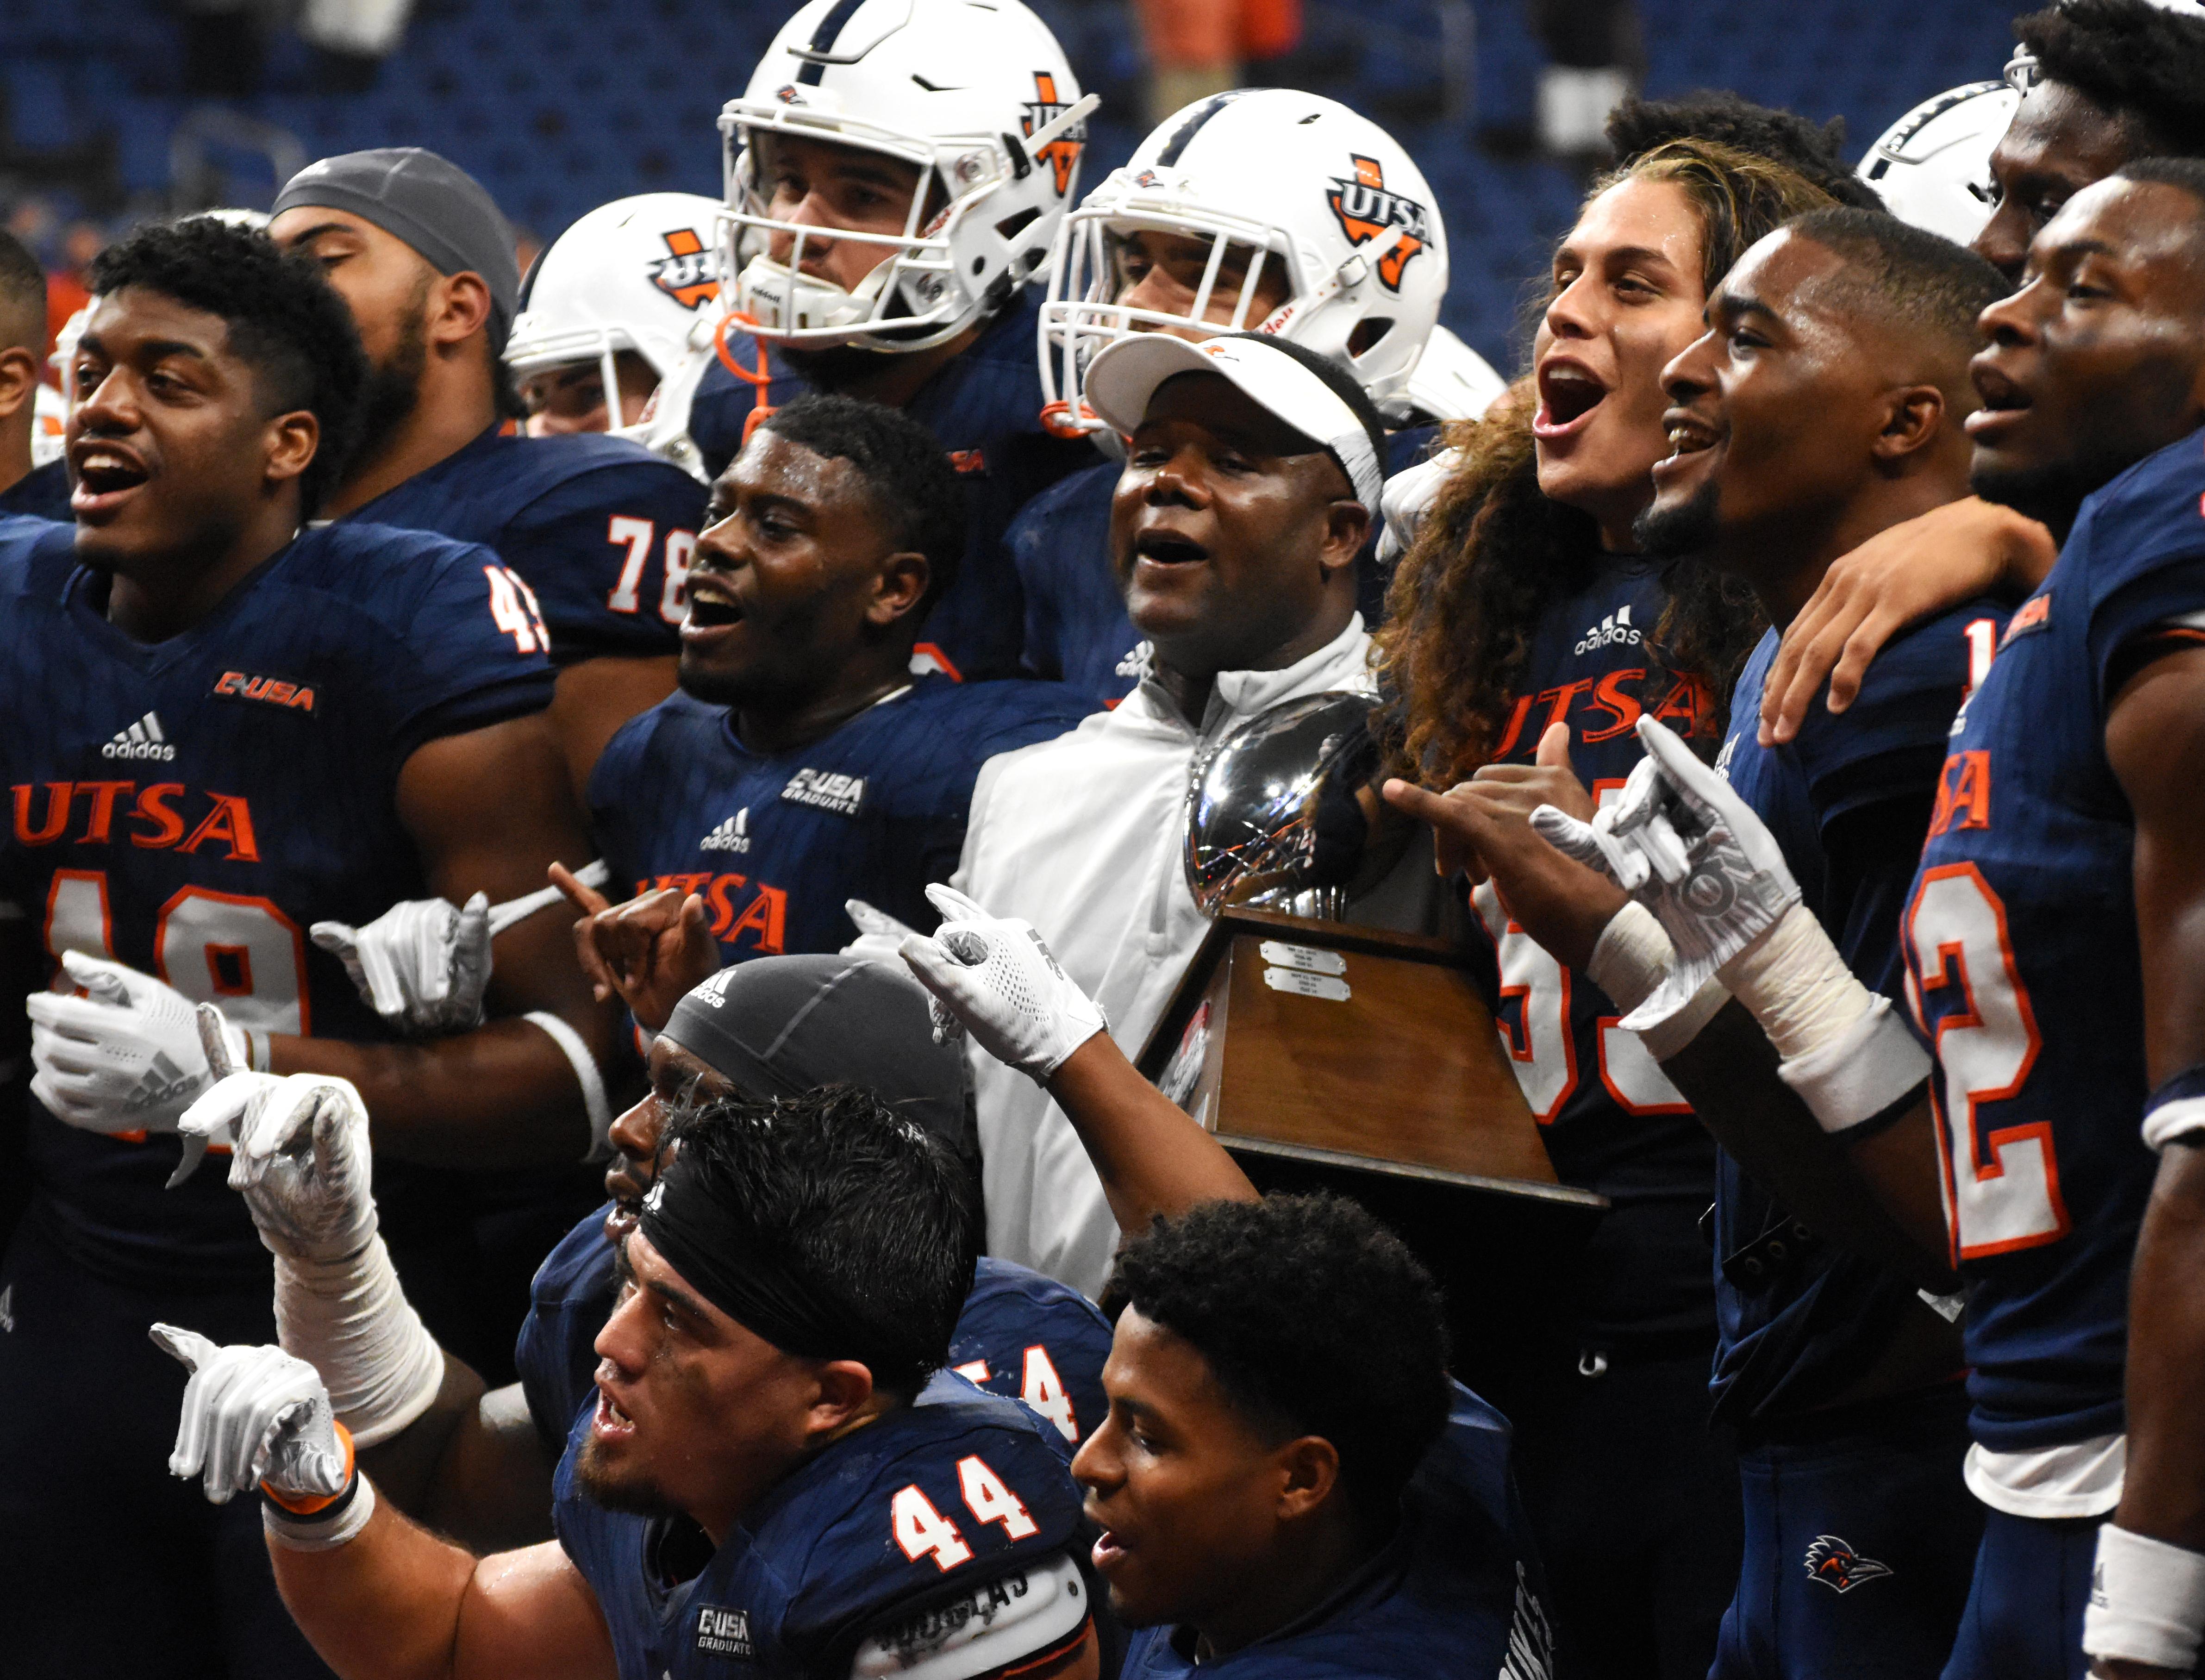 UTSA football players celebrating victory